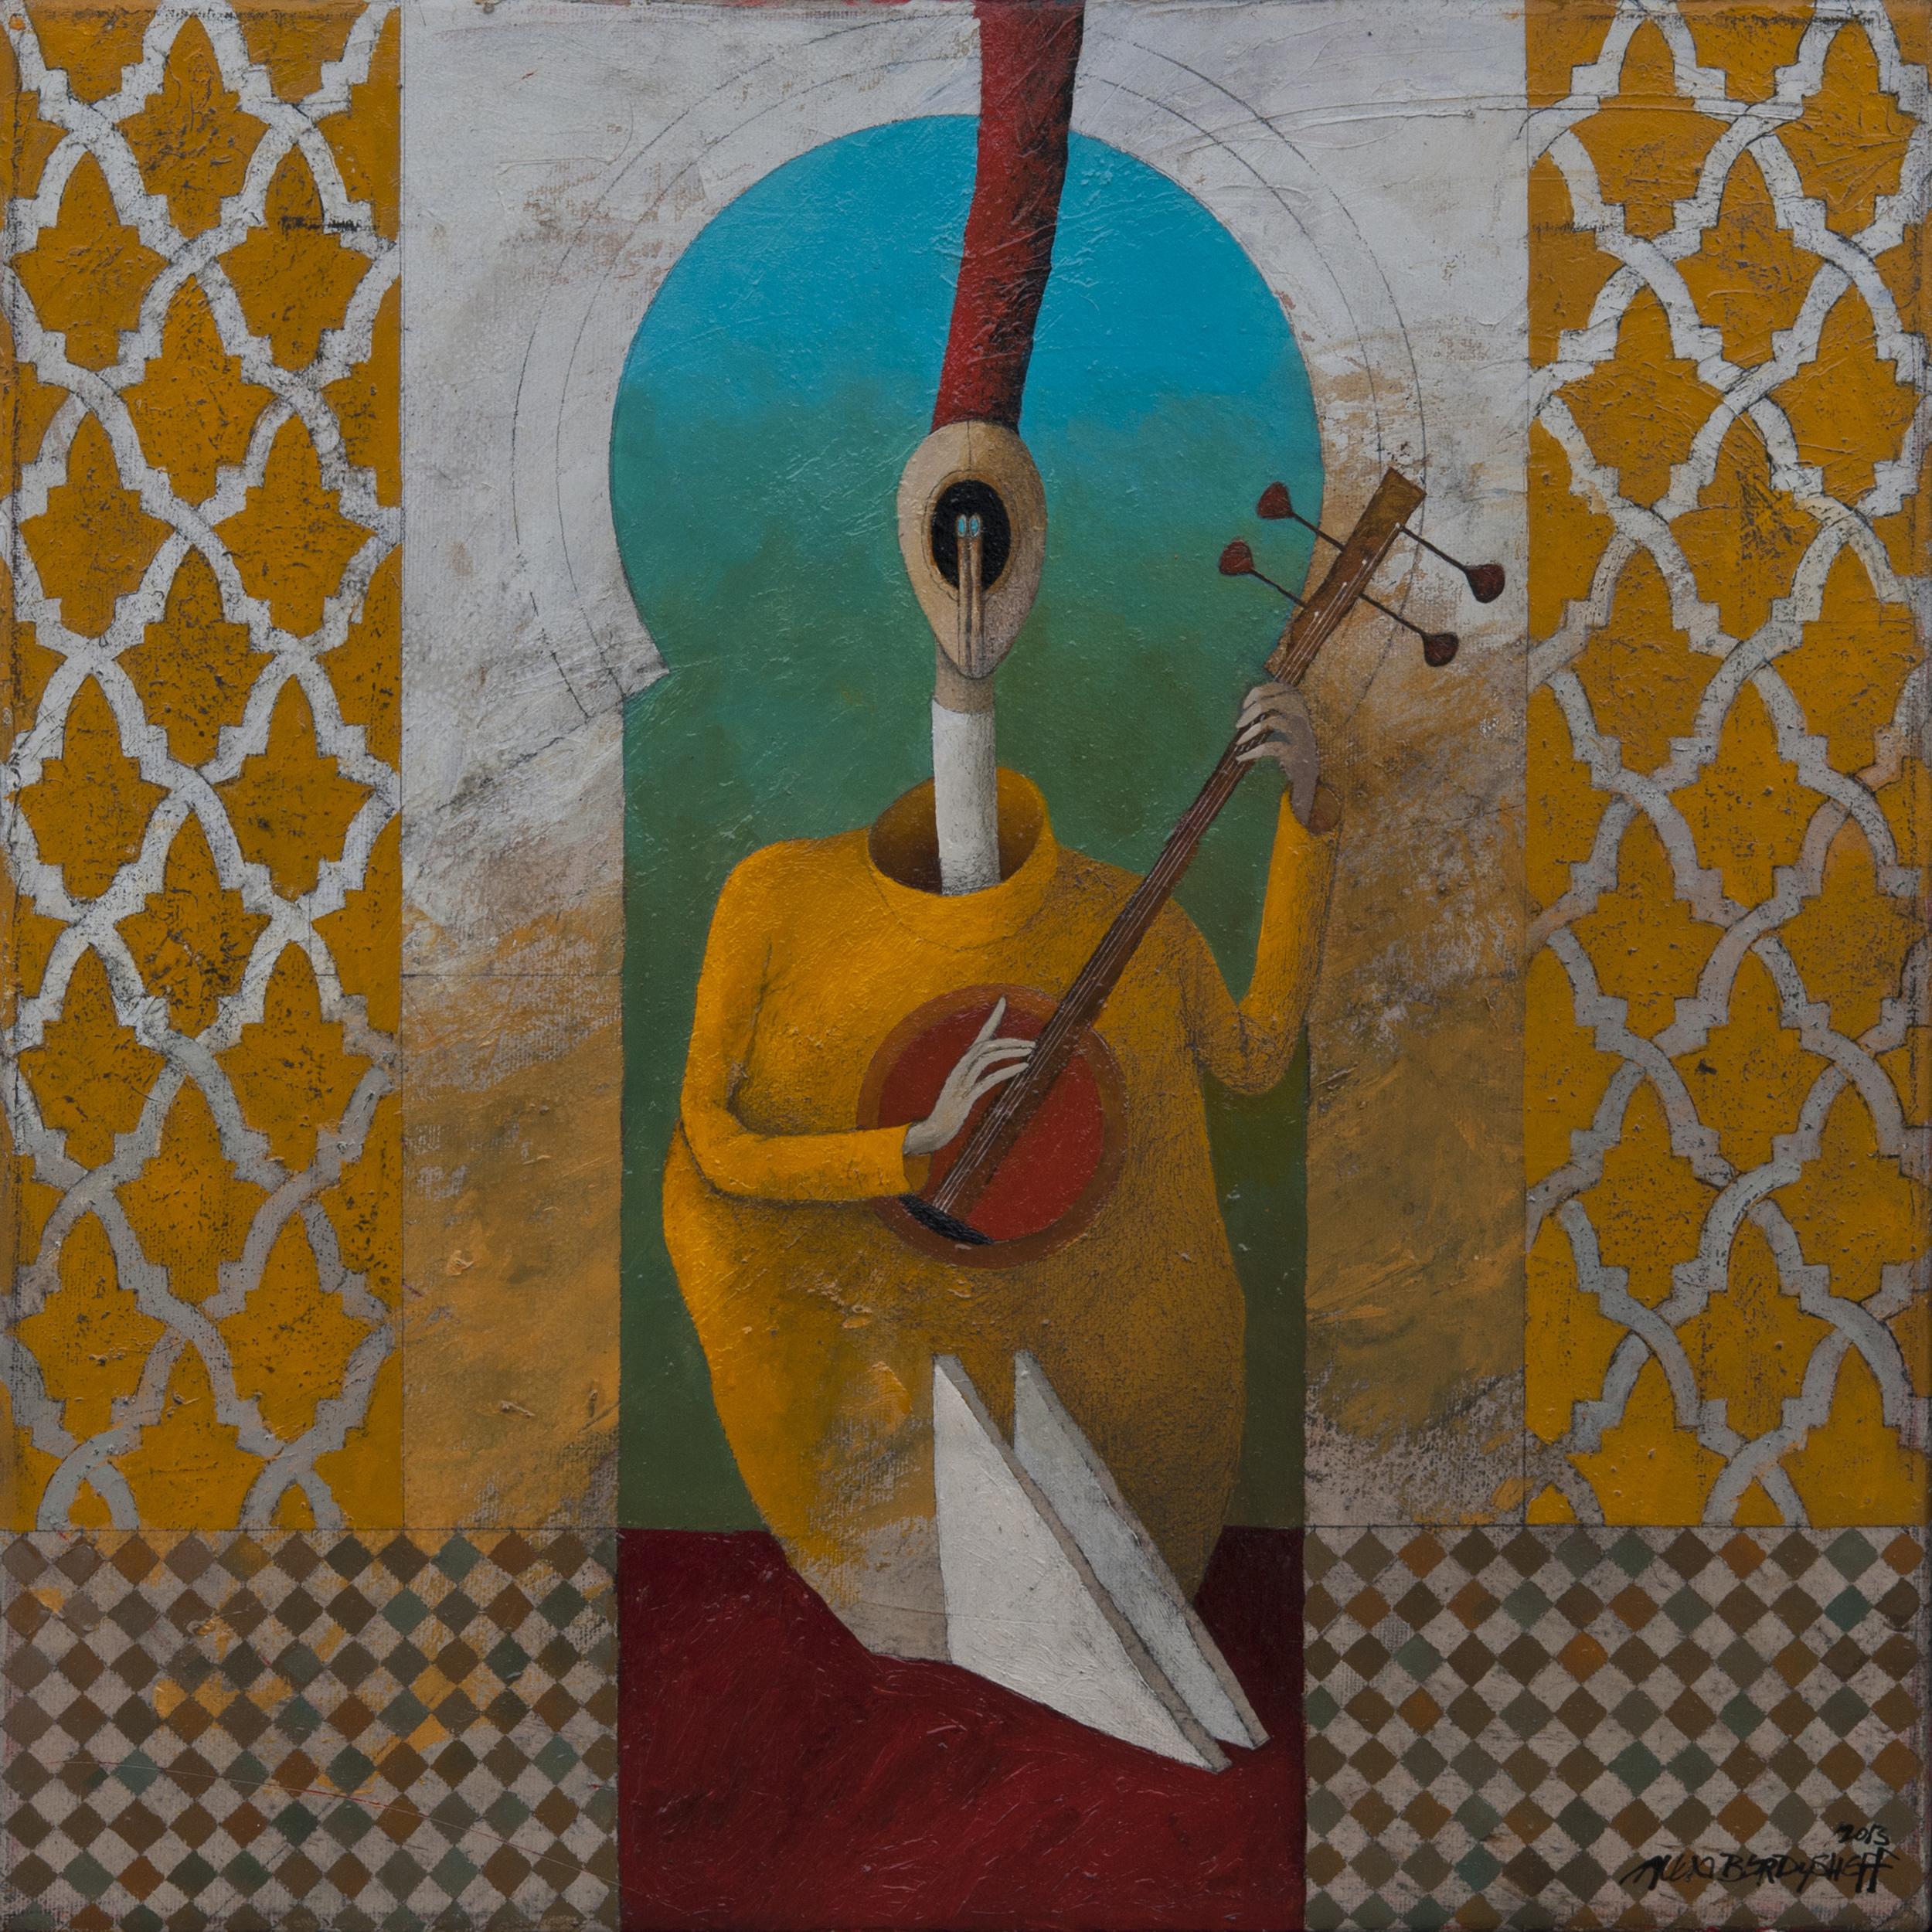 Musician, oil on canvas, 46x46 cm, 2013